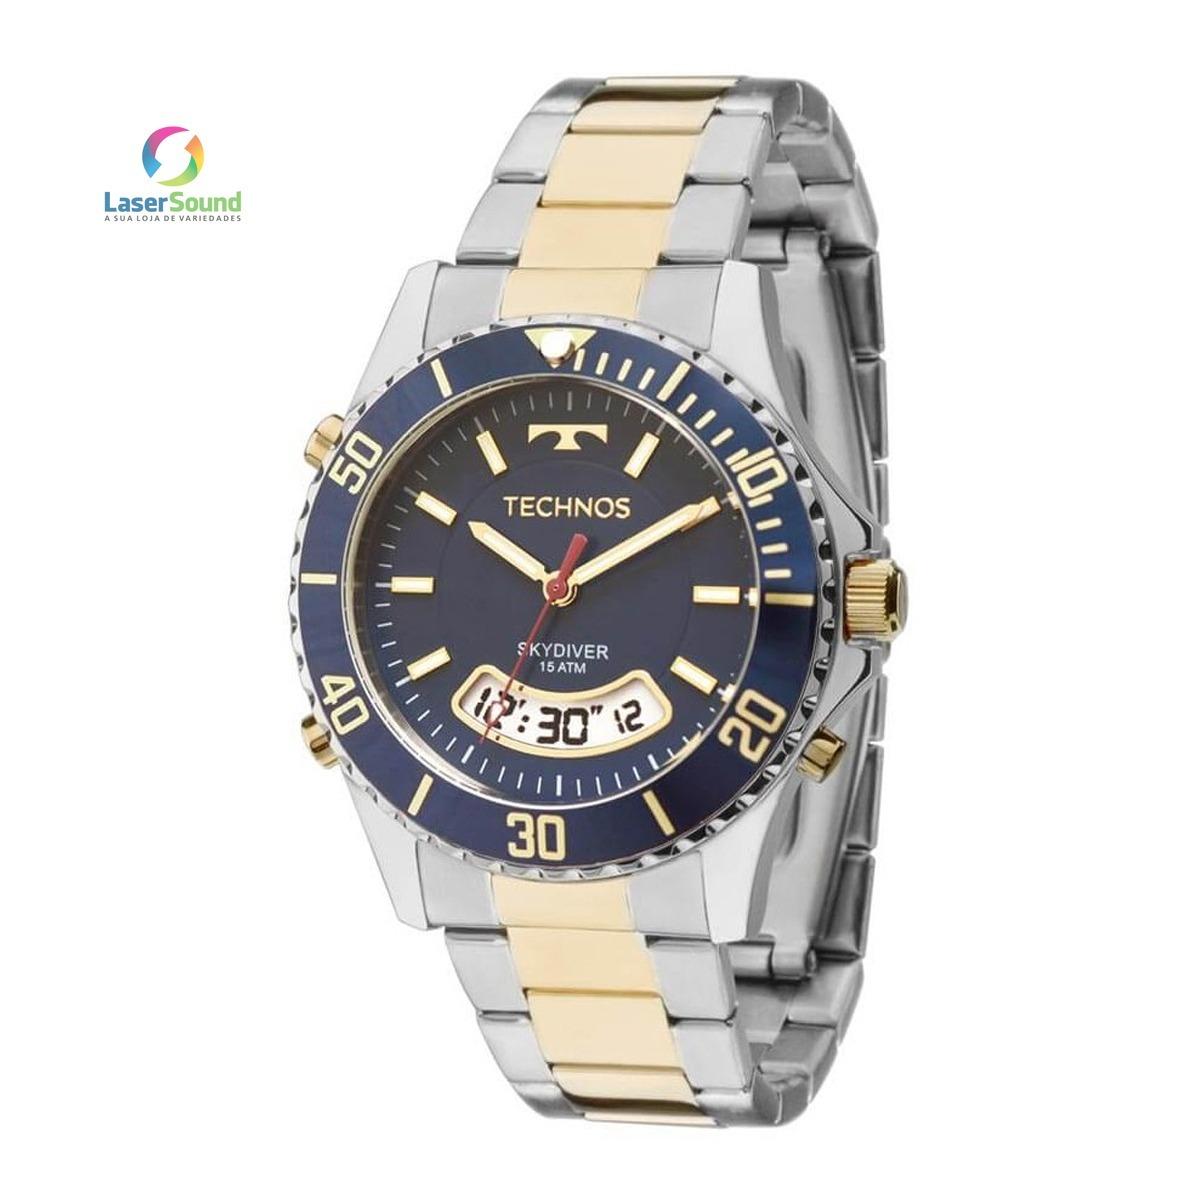 0462198097643 Relógio Technos Feminino T205jc 5a, C  Garantia E Nf - R  489,00 em ...